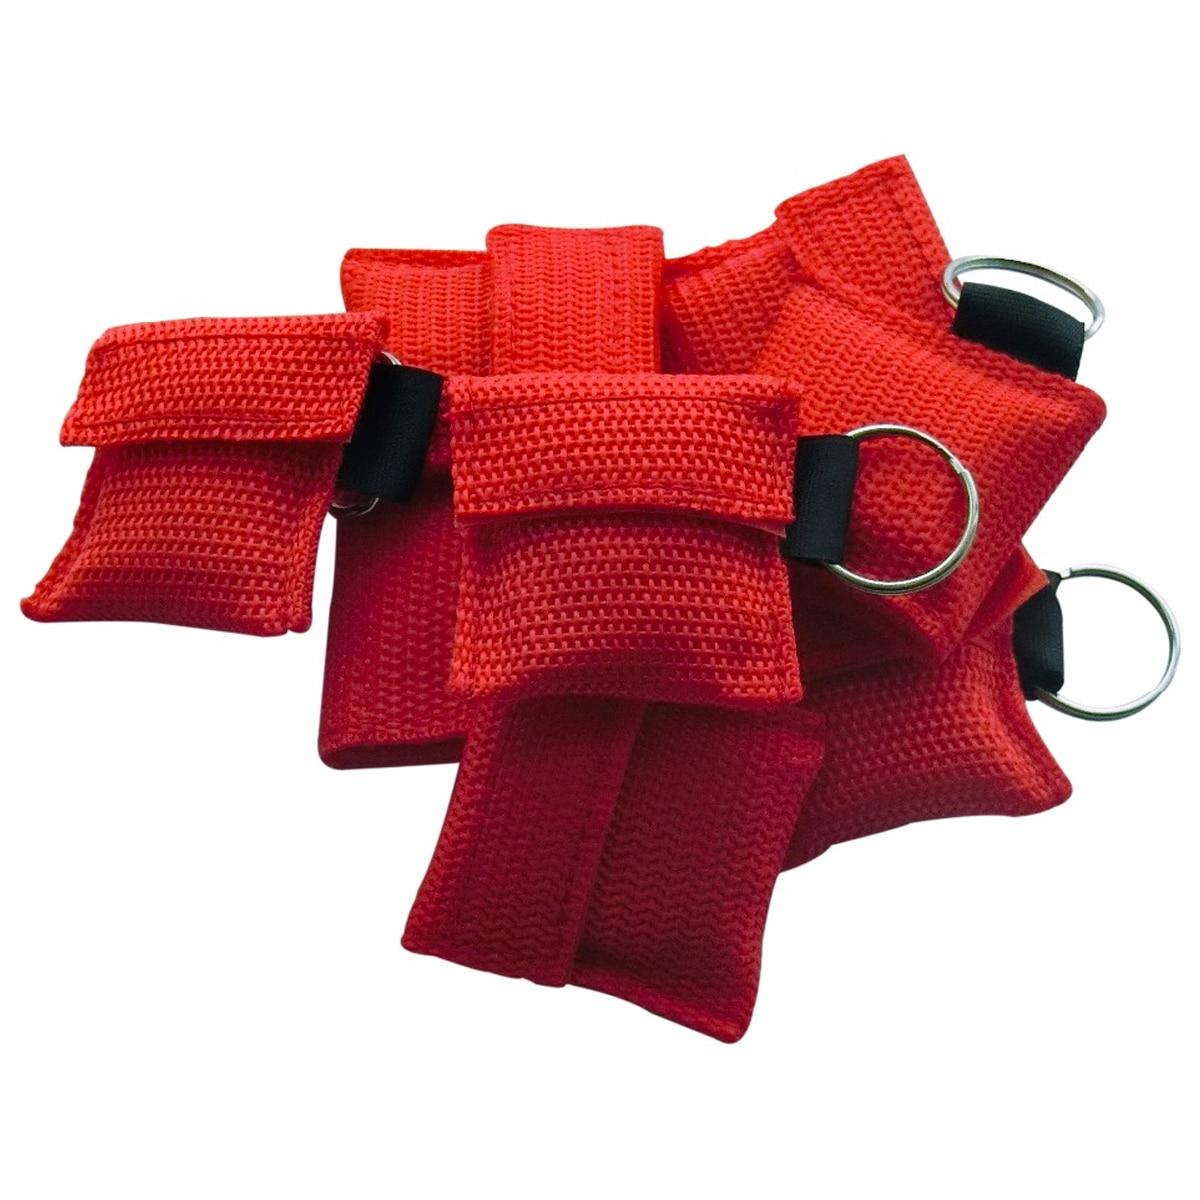 80 pcs/paquet croix-rouge rcr masque de réanimation trousse de secours de premiers secours rcr bouclier facial avec porte-clés outil de soins de santé à sens unique